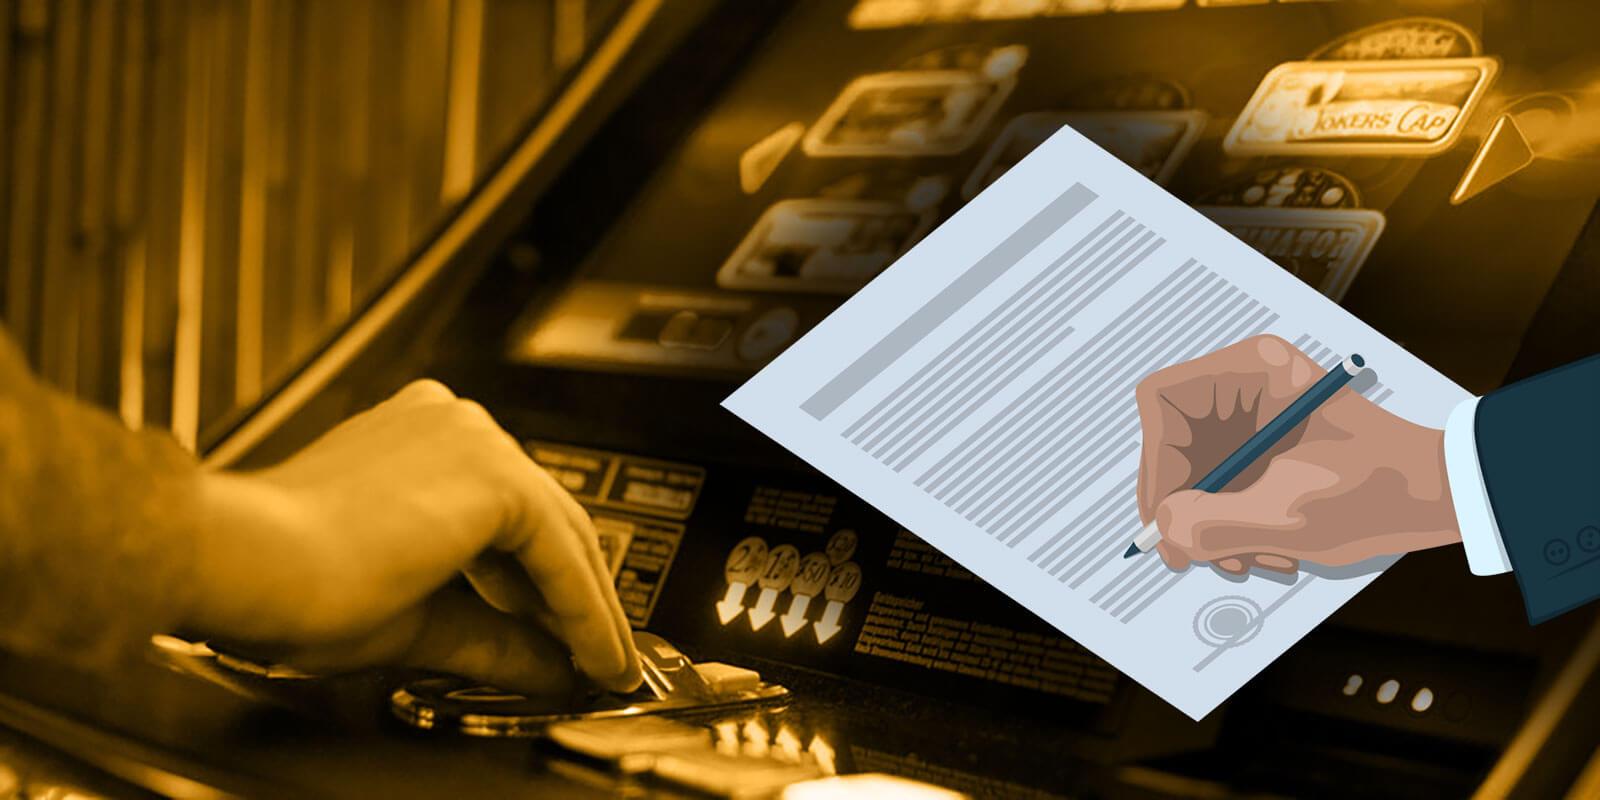 Jerman Berencana Memberlakukan Peraturan Baru Ini Terkait Judi Online